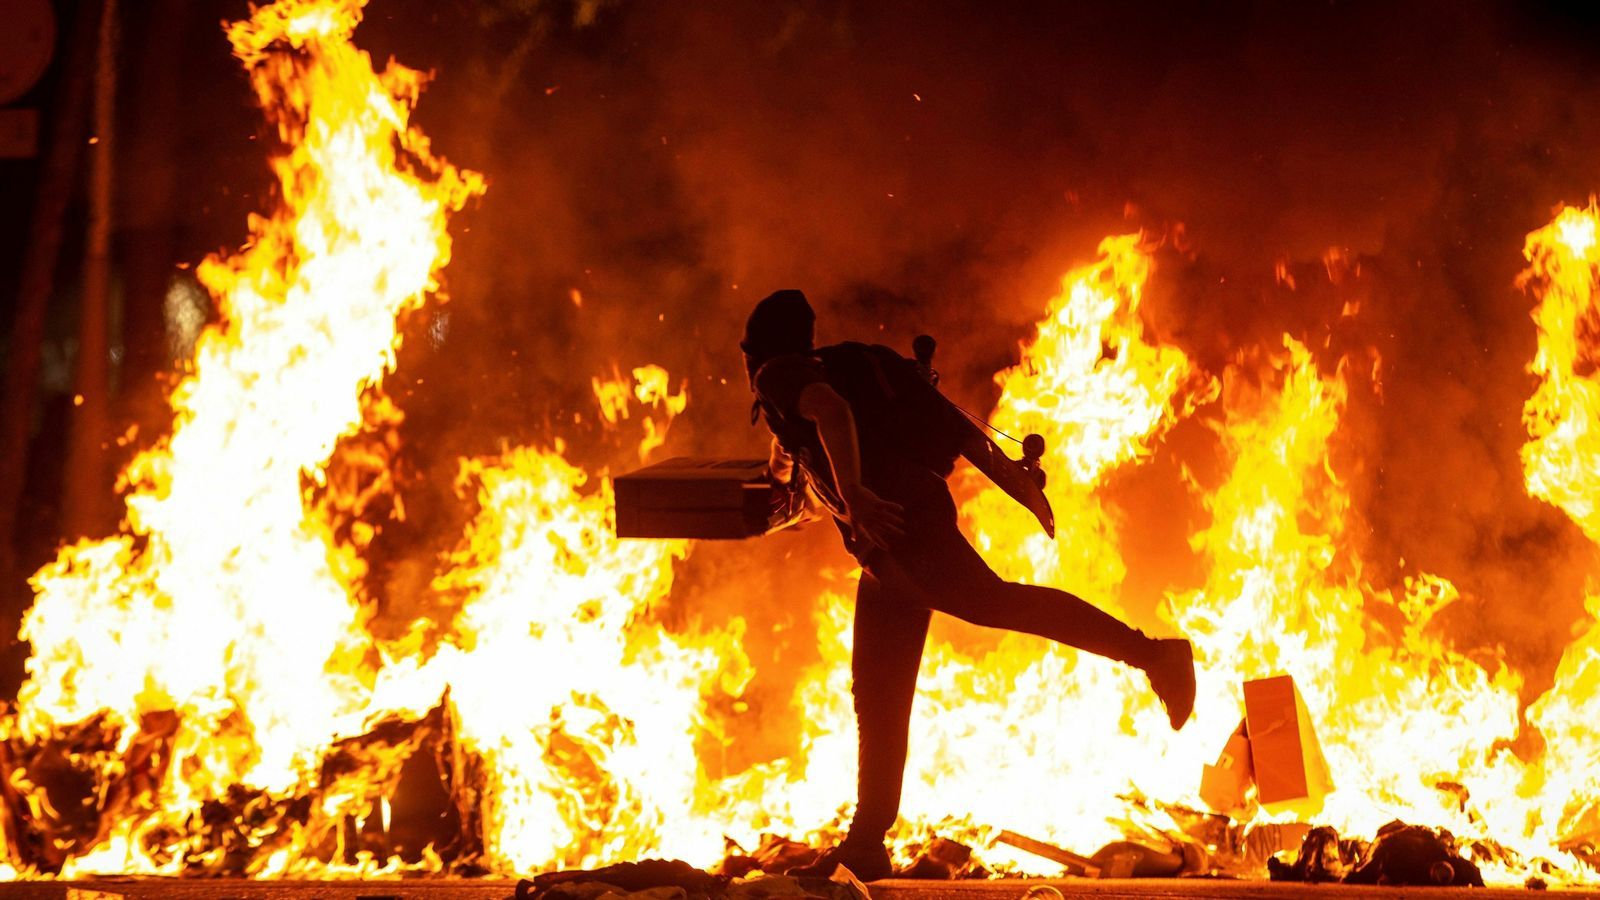 La segona jornada de disturbis a Catalunya se salda amb 125 ferits i 51 detinguts